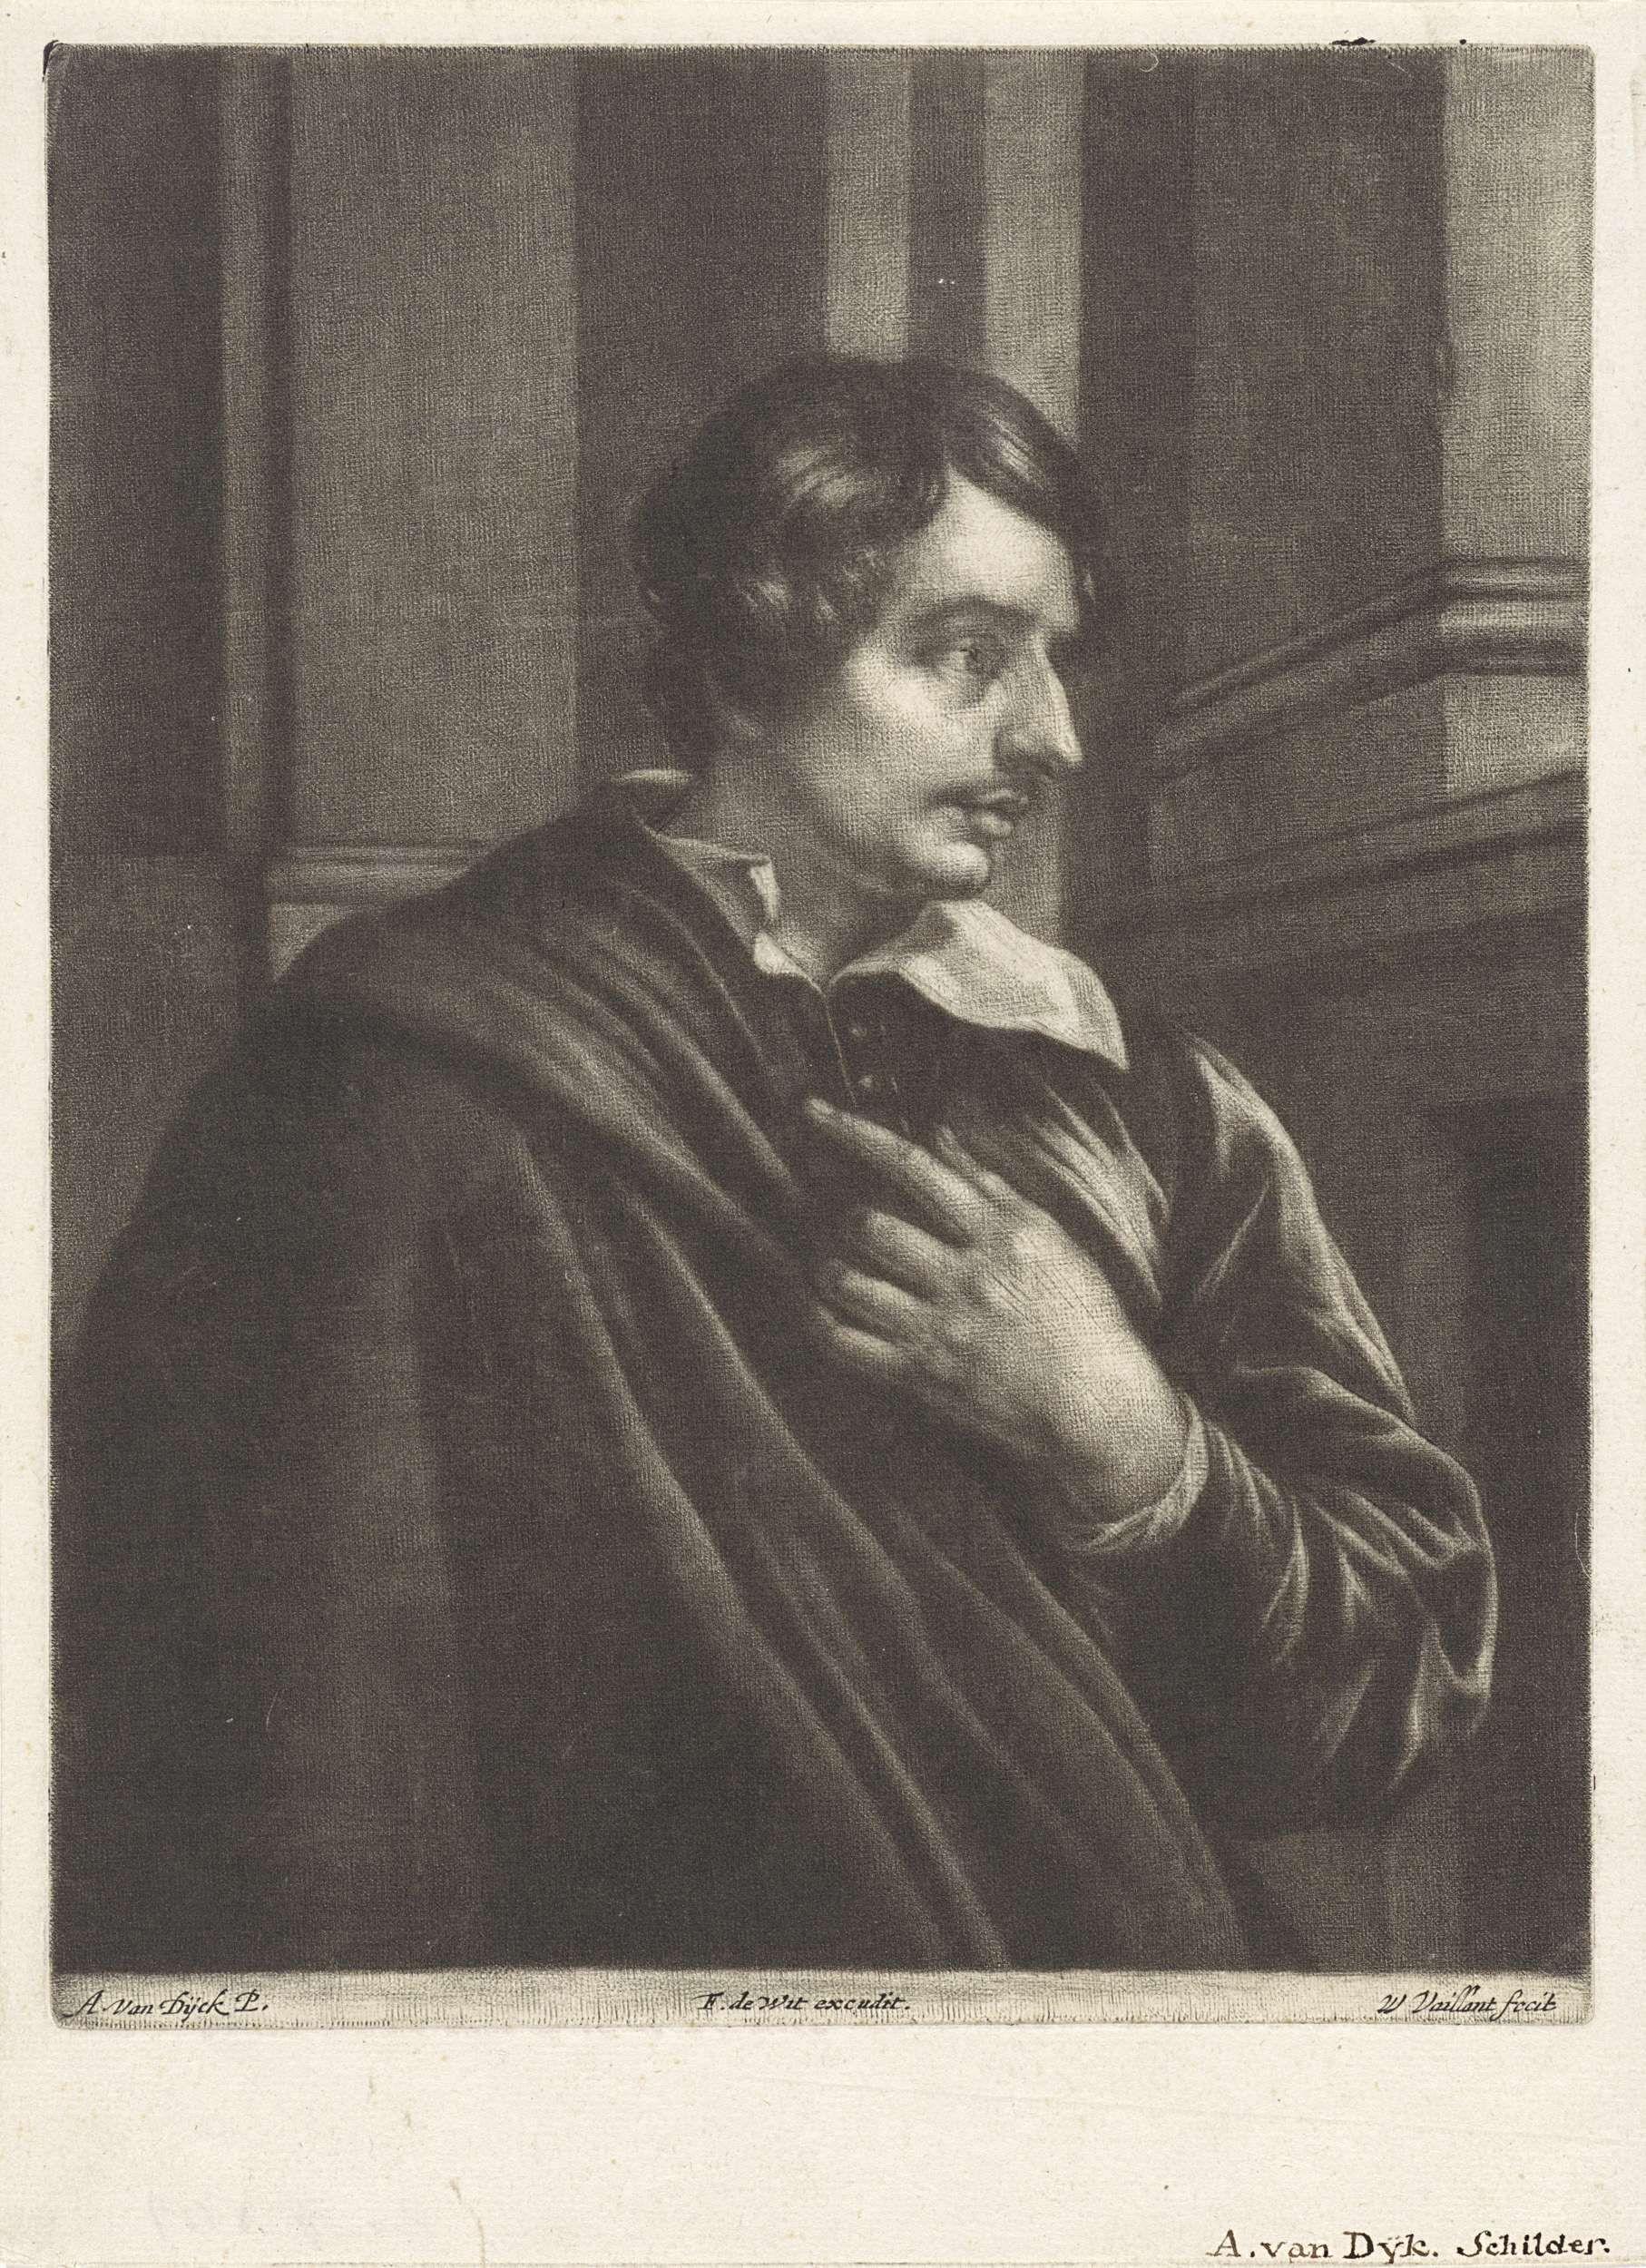 Wallerant Vaillant   Portret van een man, mogelijk Jean Leclerc, Wallerant Vaillant, Jan de Bisschop, Frederik de Wit, 1658 - 1677  